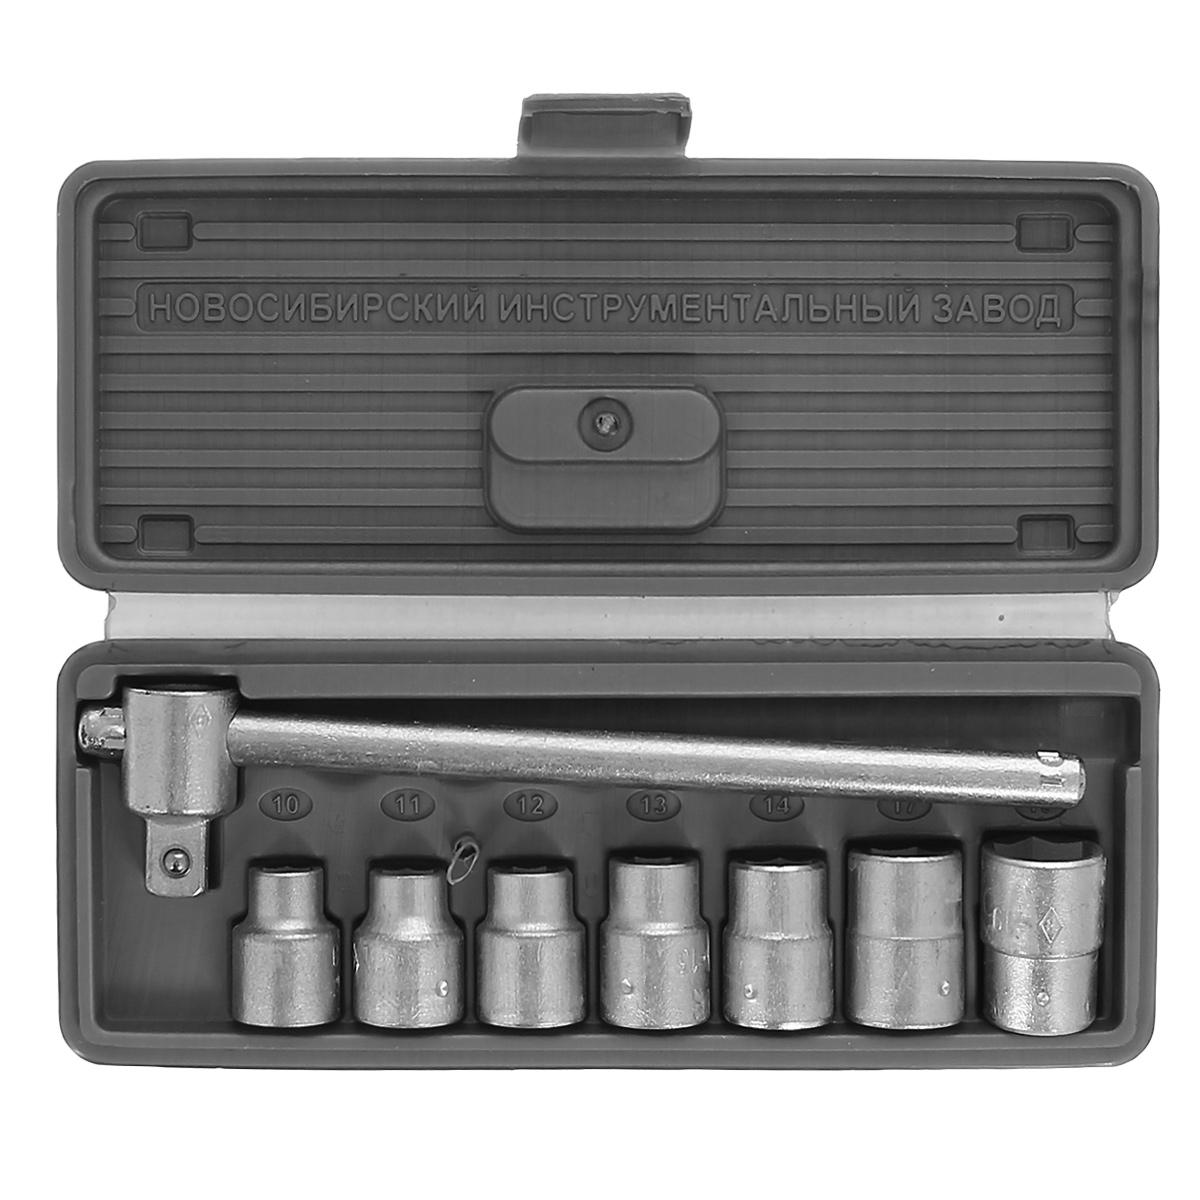 Набор шоферского инструмента № 1 НИЗ, 8 предметов набор шоферского сервис ключ инструмента 1